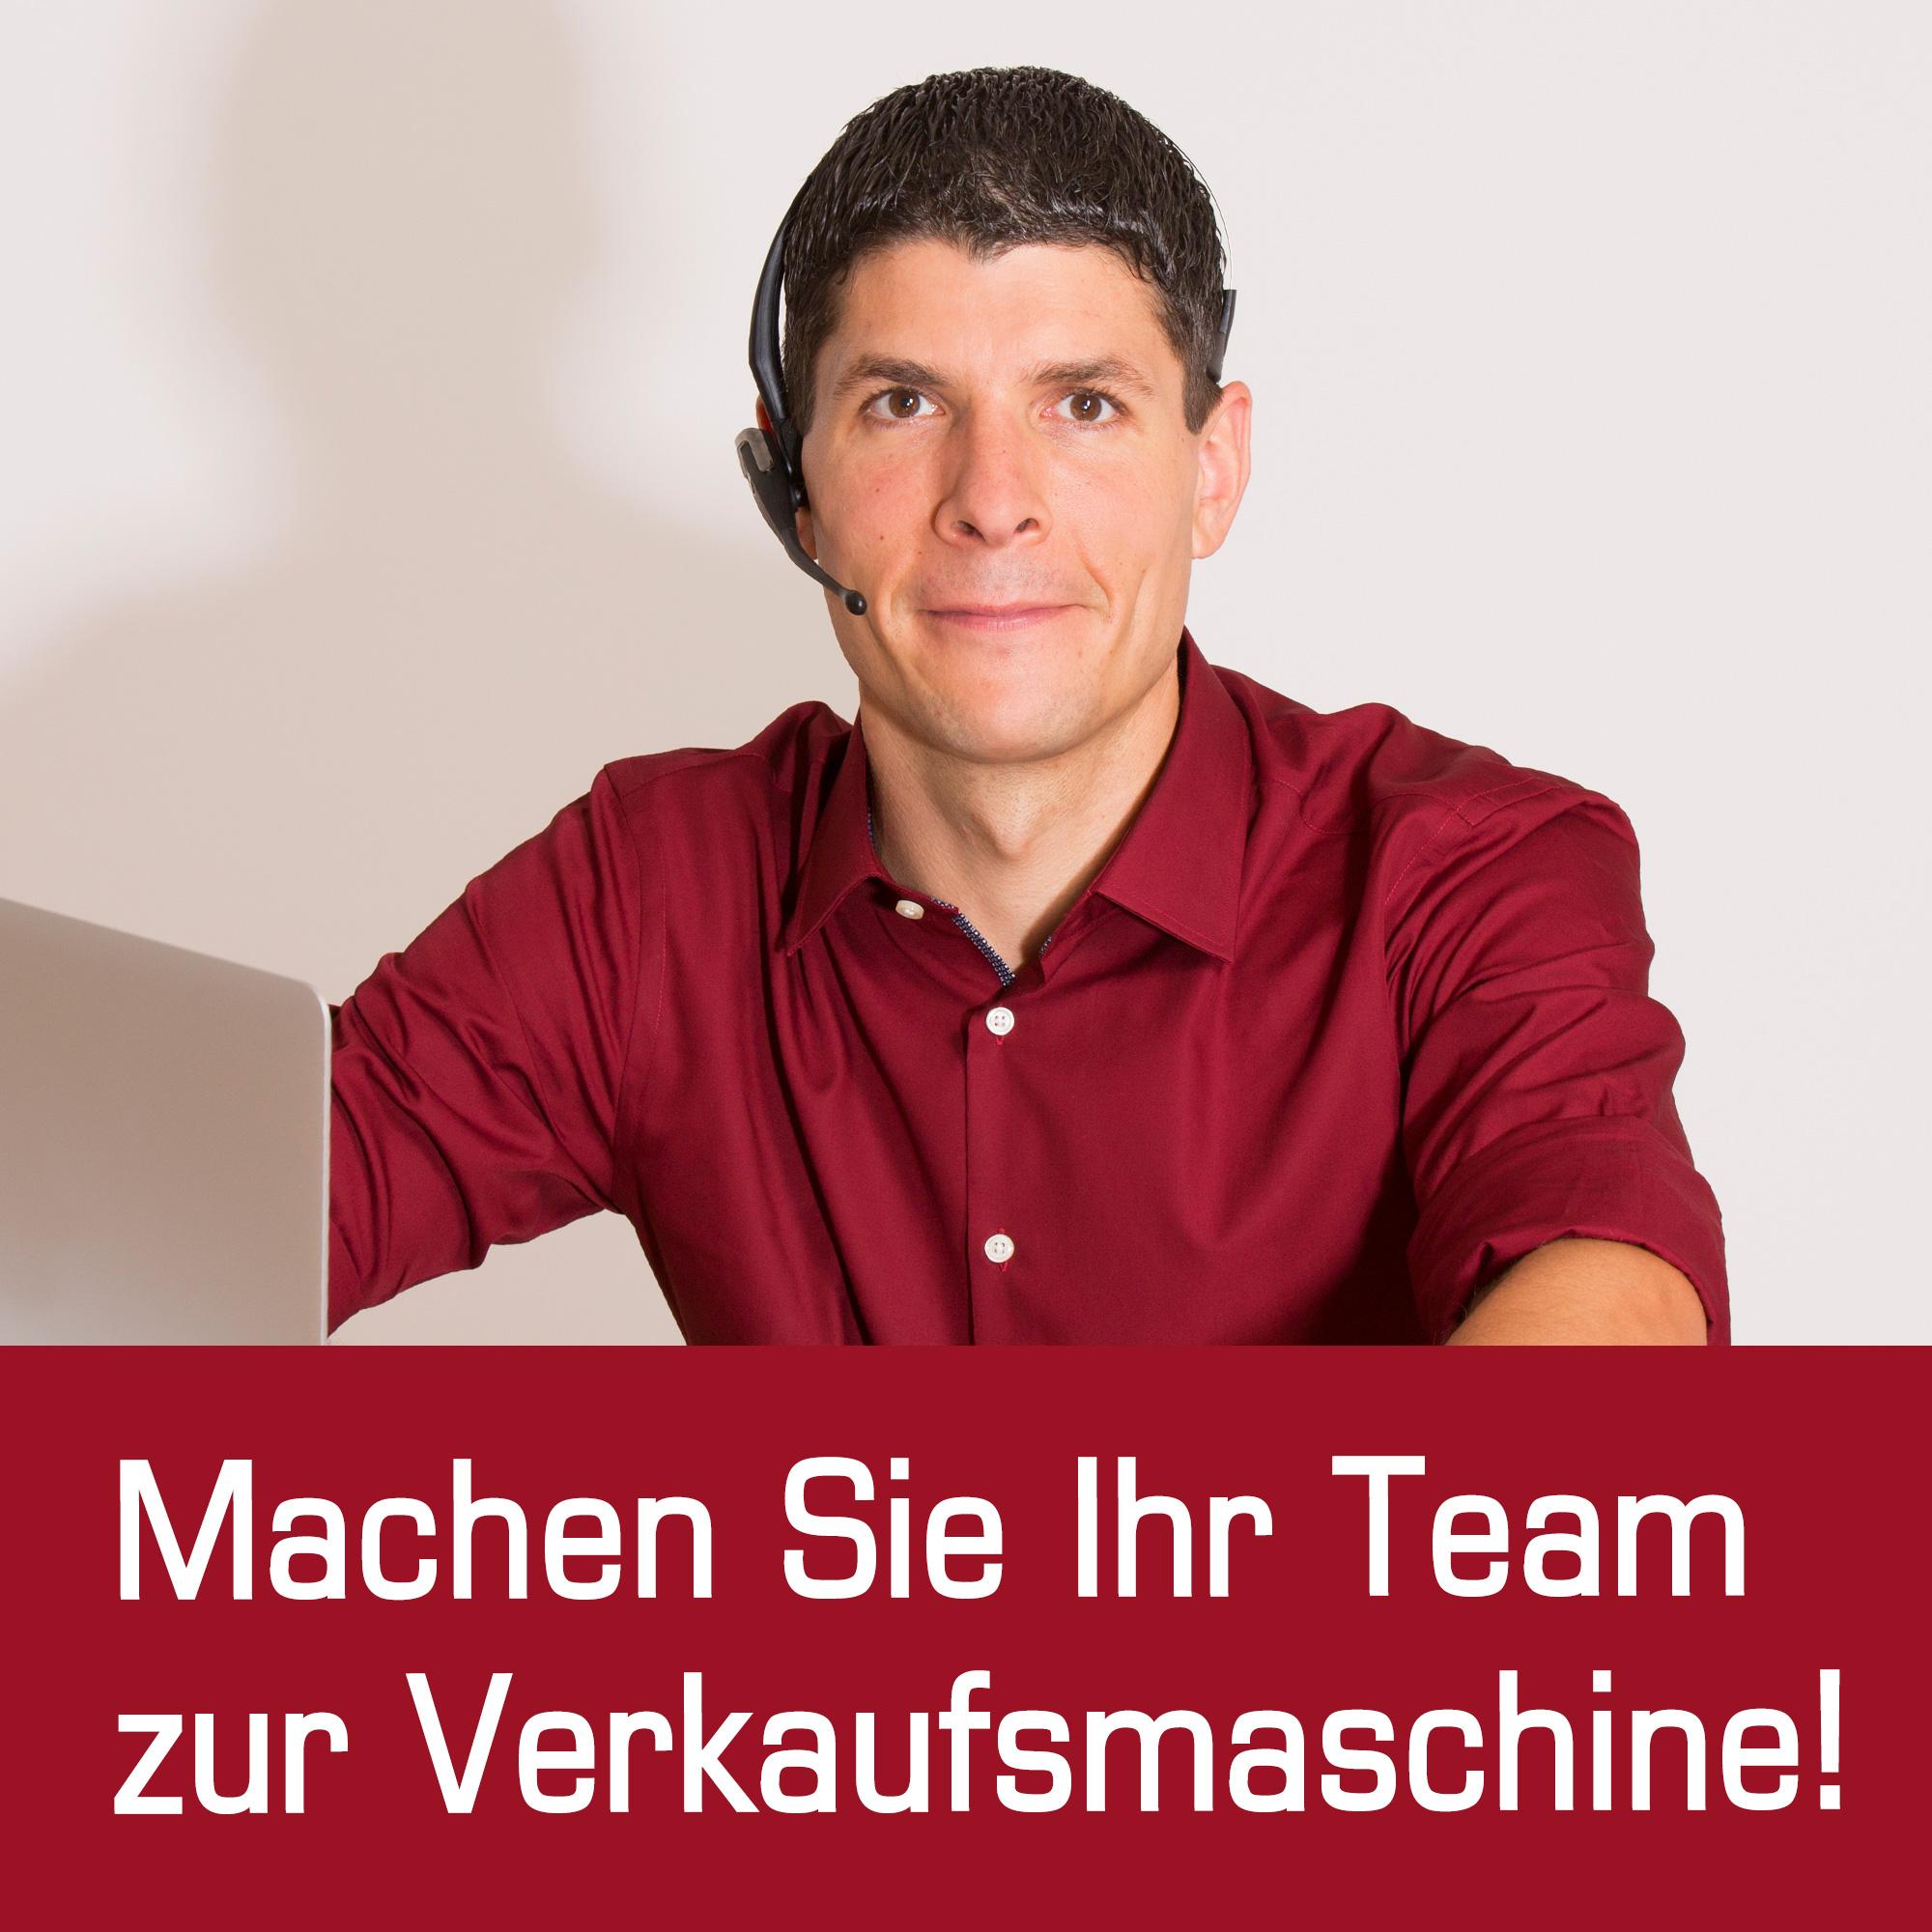 Machen Sie Ihr Team zur Verkaufsmaschine!